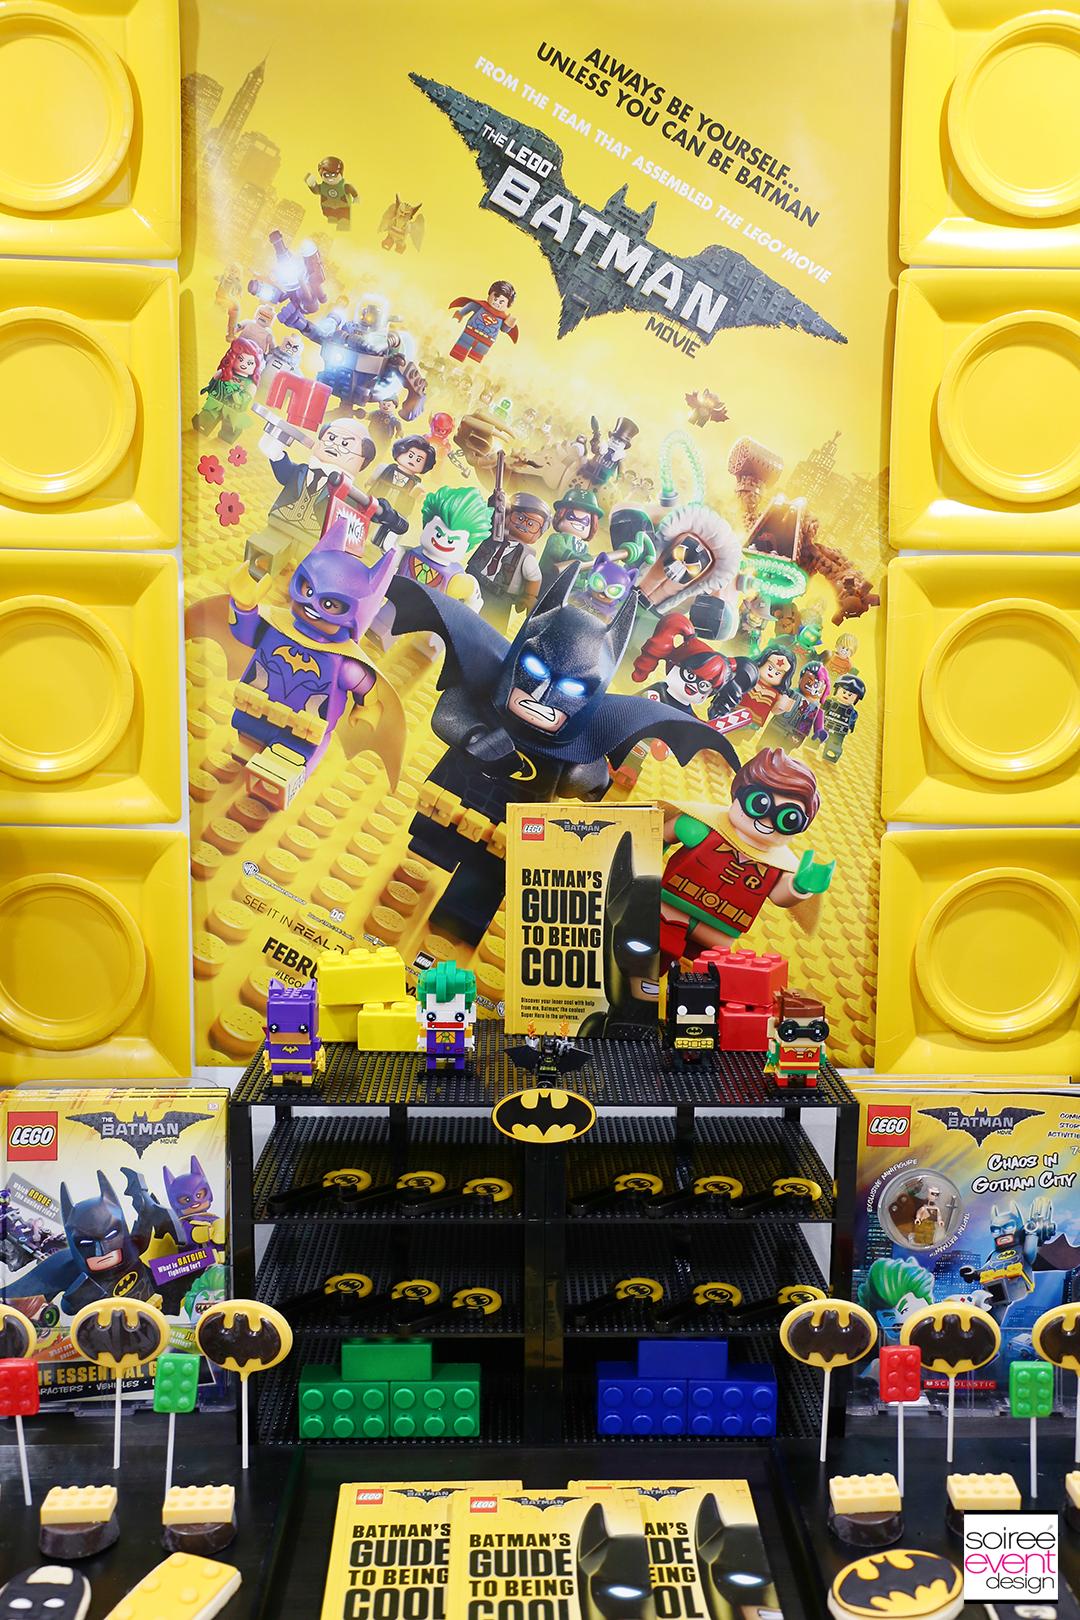 Lego Batman Party Ideas - Batman Party Dessert Table